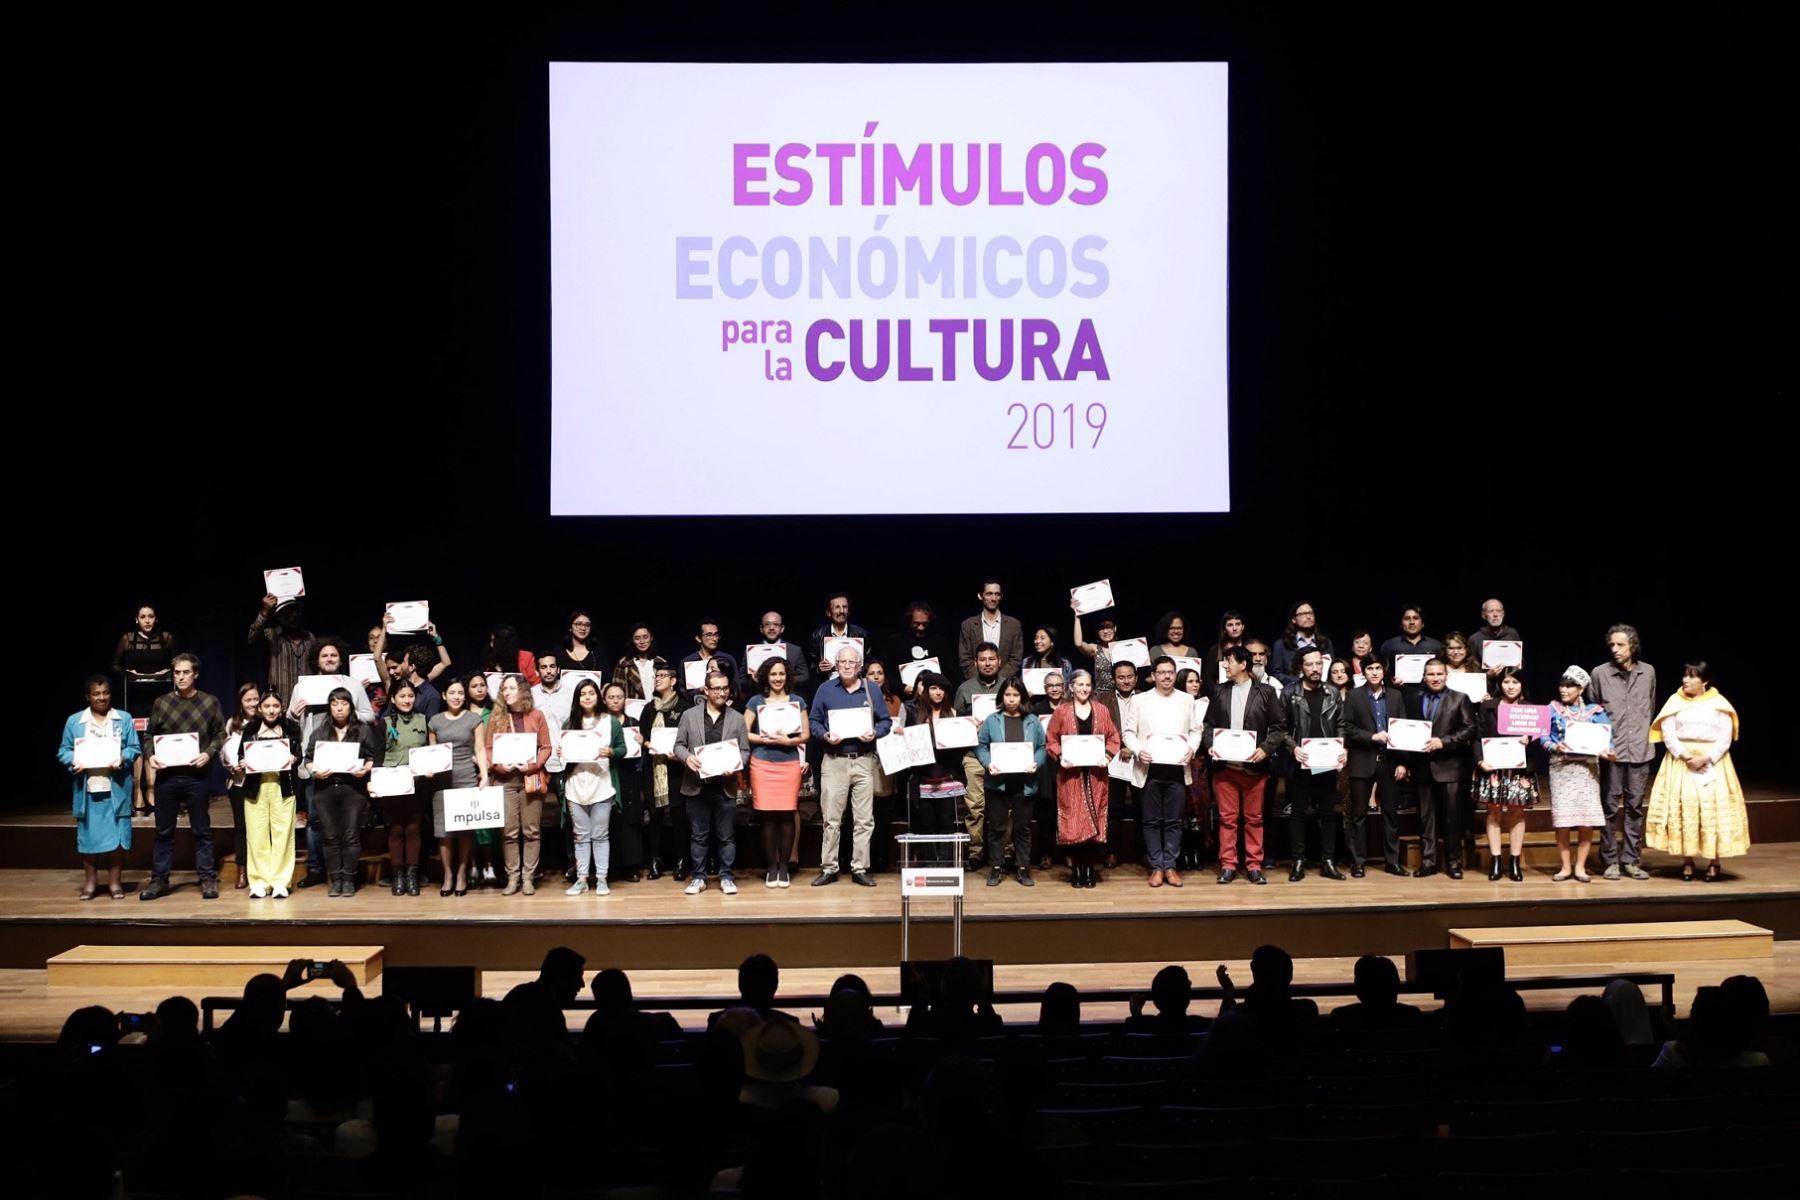 Estímulos Económicos para la Cultura financiaron 102 obras de diversas regiones este año, destacó el Ministerio de Cultura.